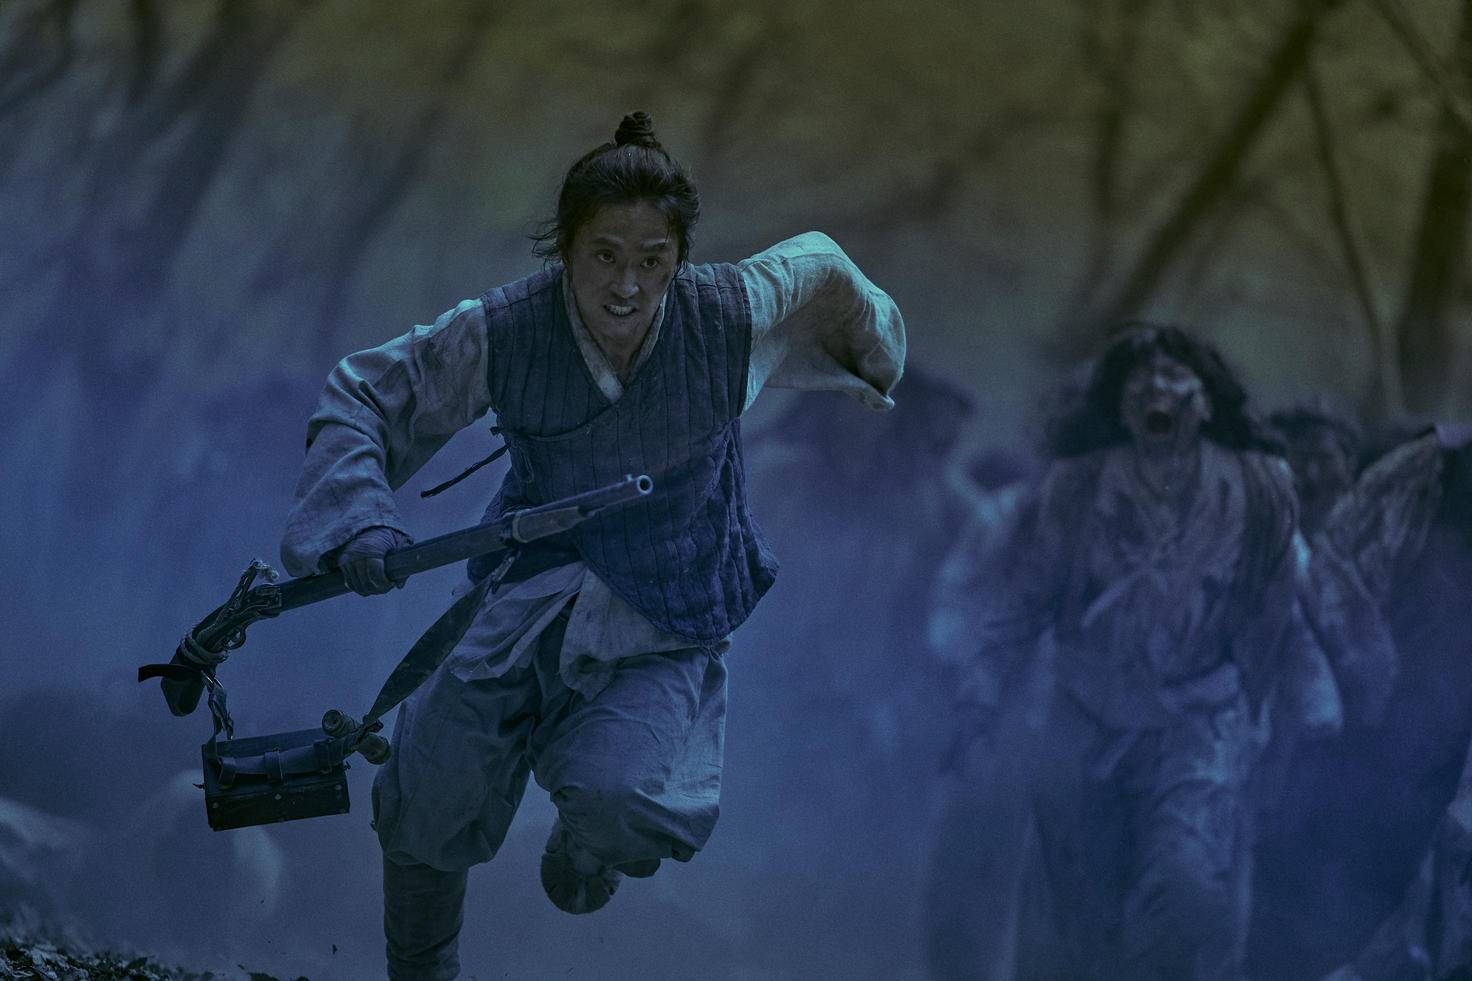 """Yeongsin schießt sehr gut, ist kein Fan der Herrscherklasse und die coolste Sau in """"Kingdom""""."""